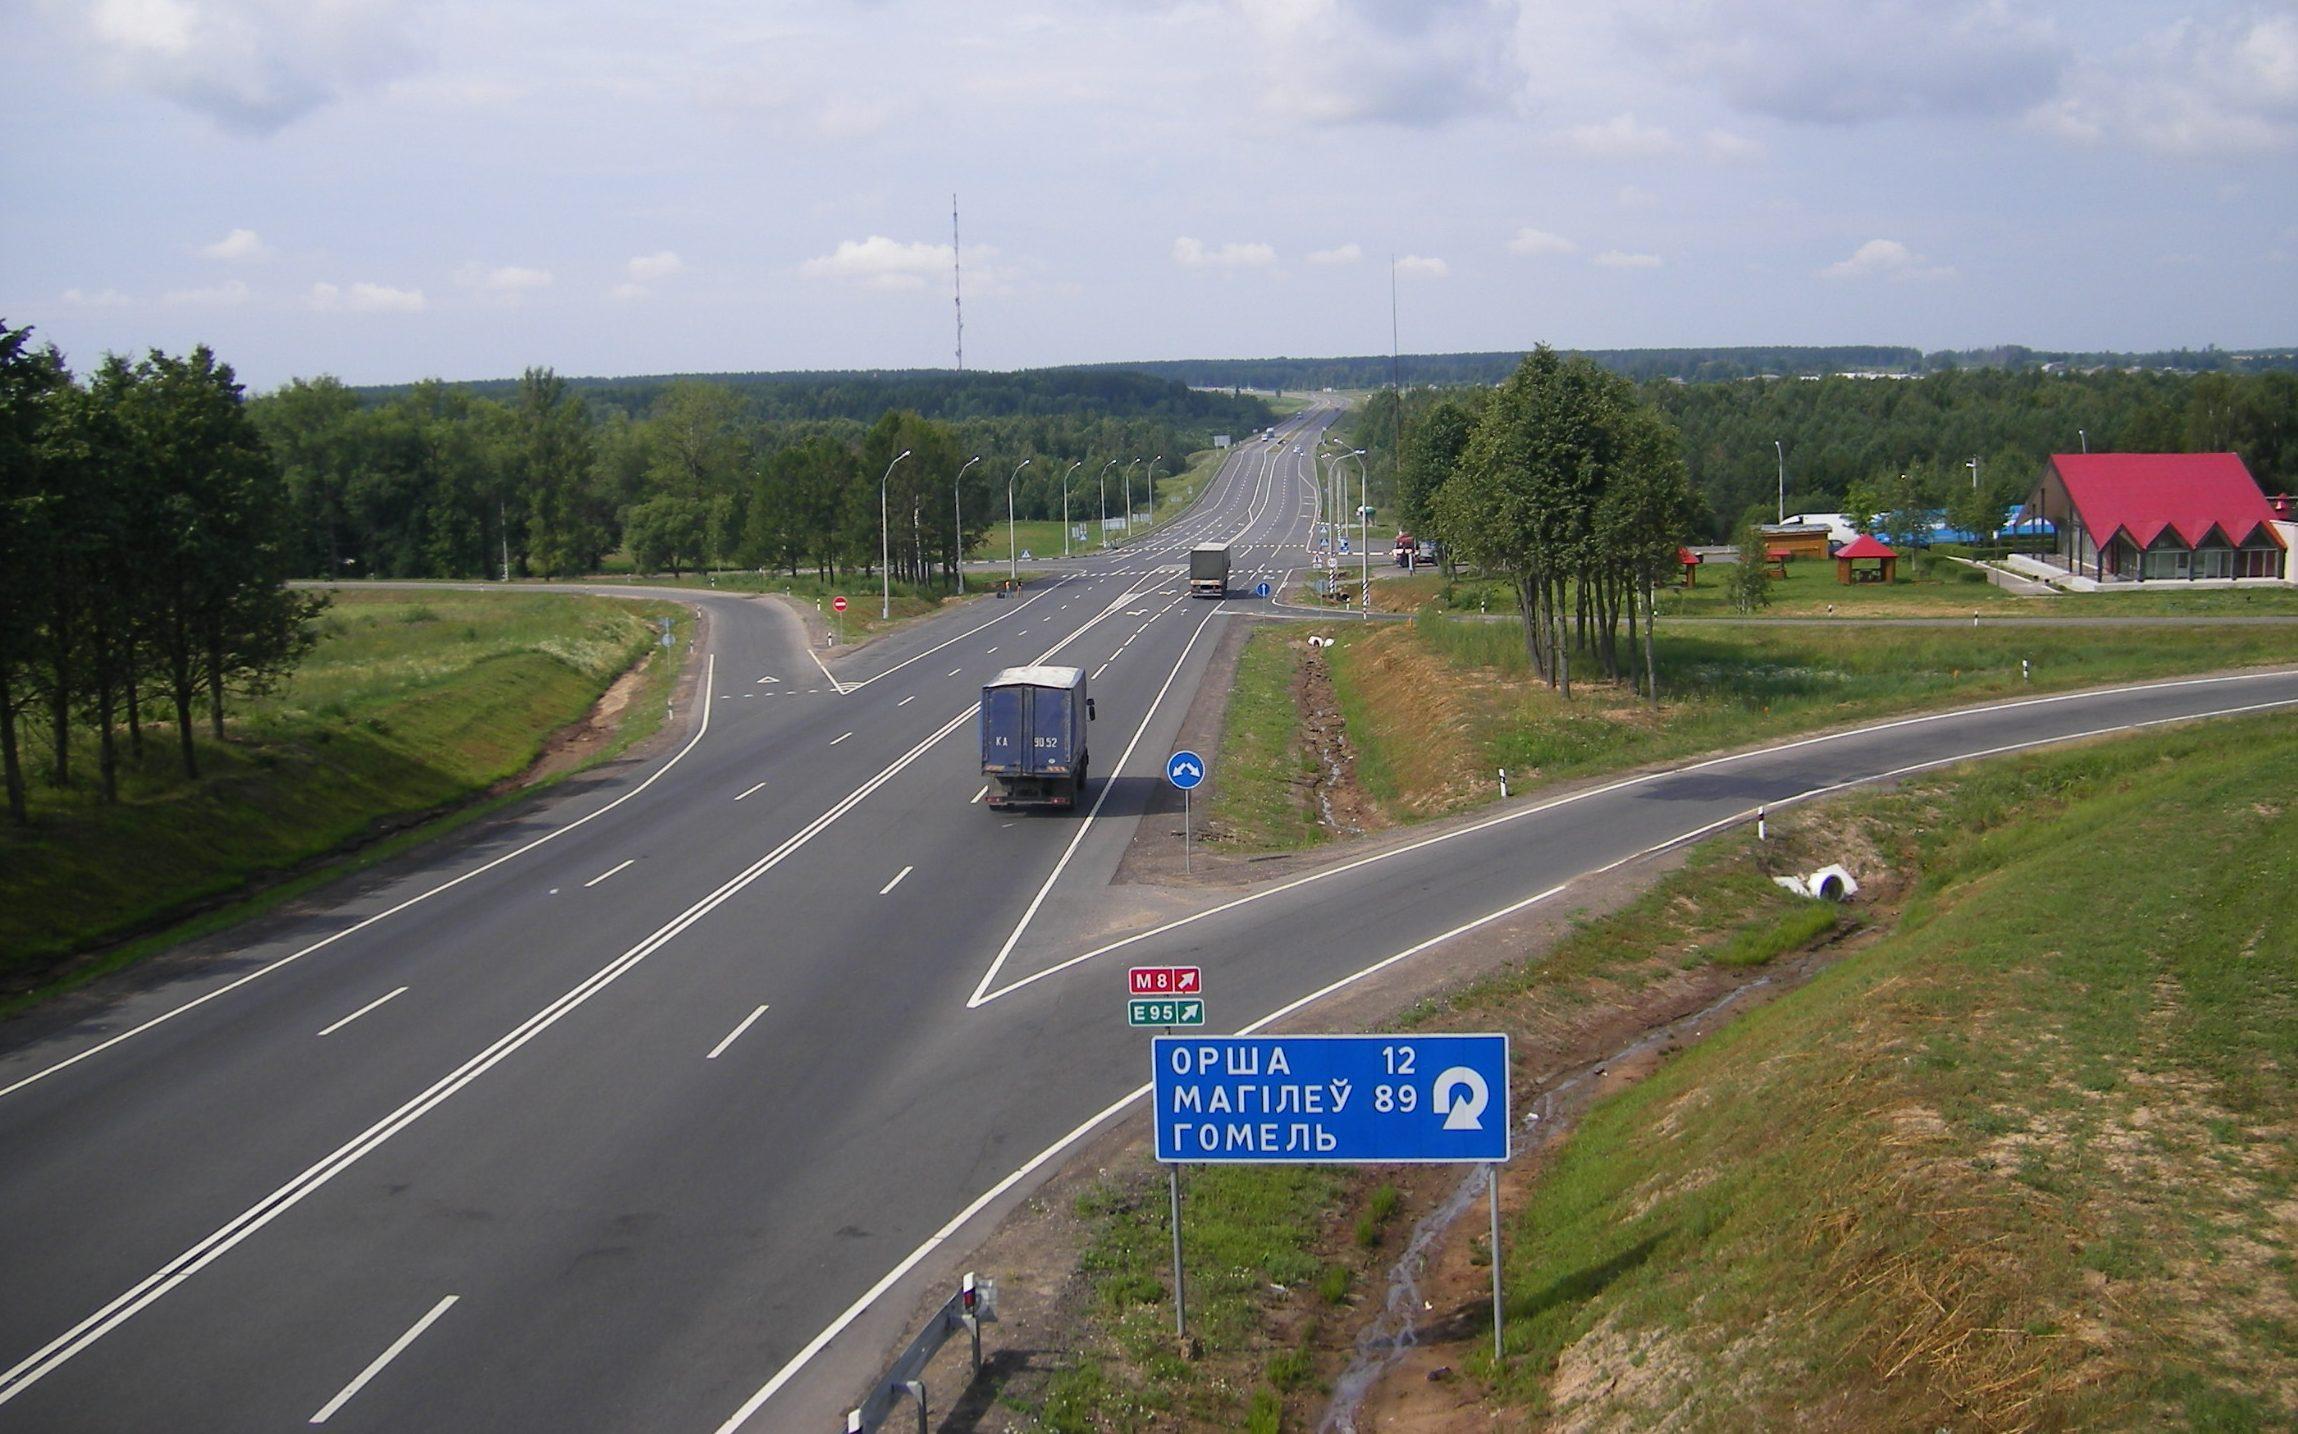 Pavasario ir vasaros eismo apribojimai Baltarusijoje 2021 m.